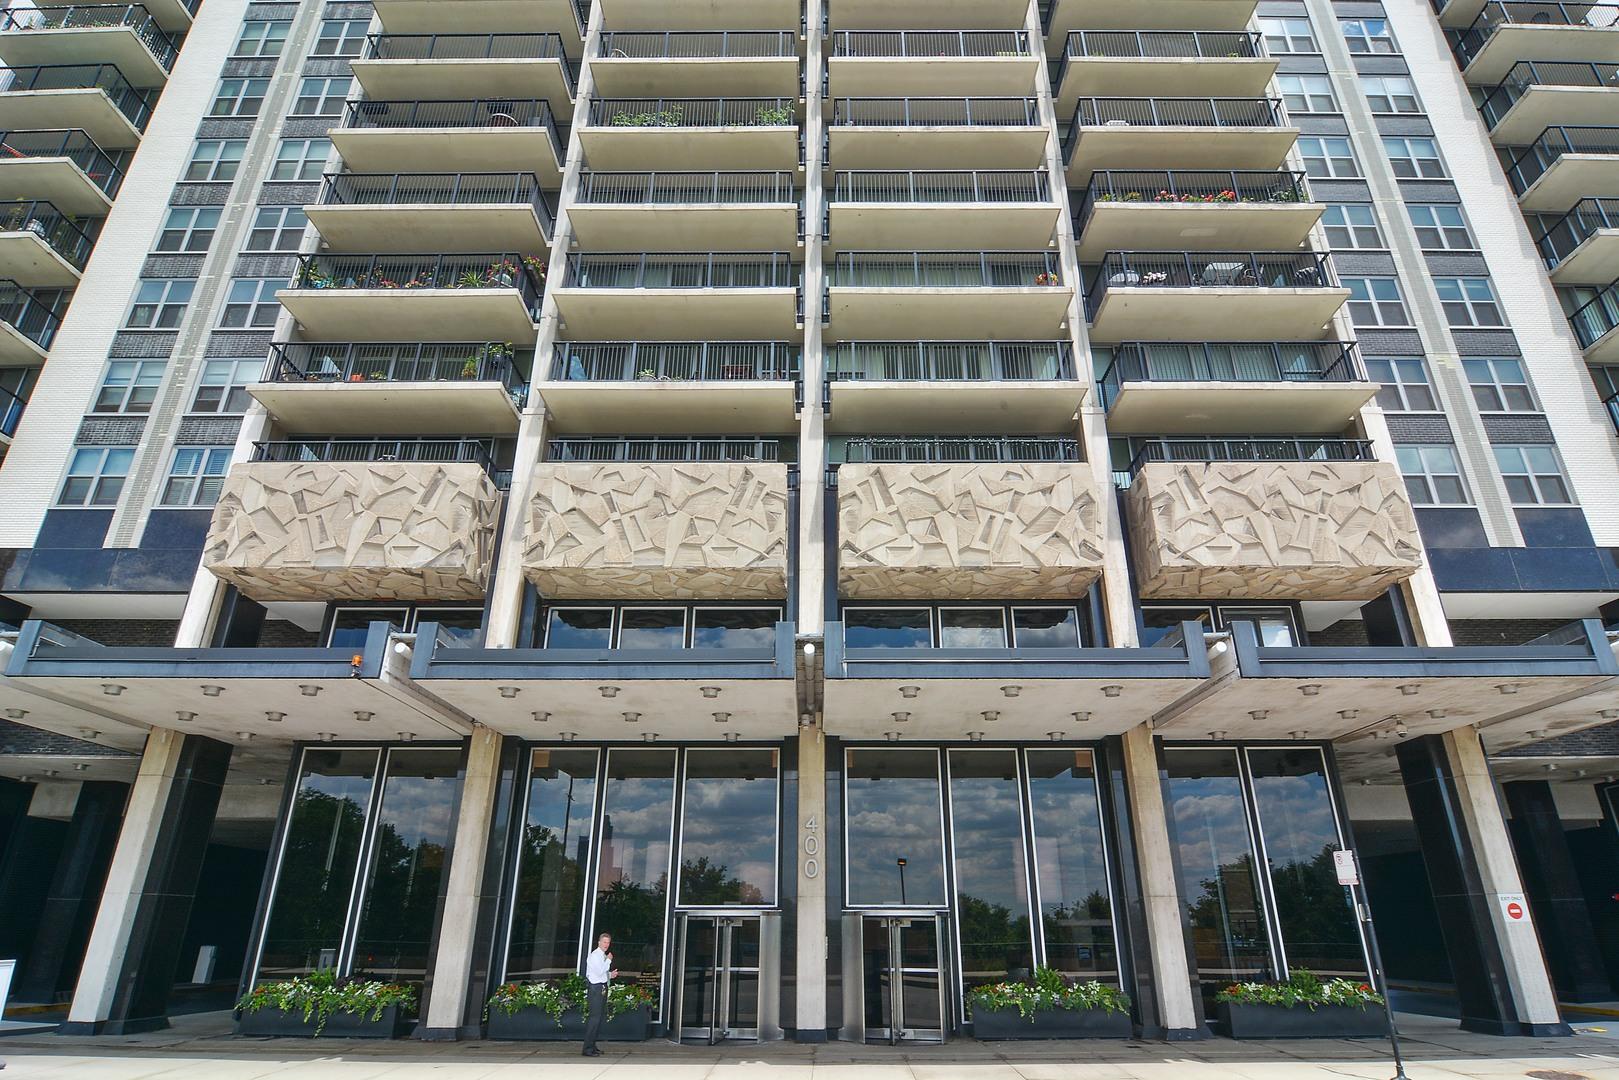 400 E Randolph Exterior Photo